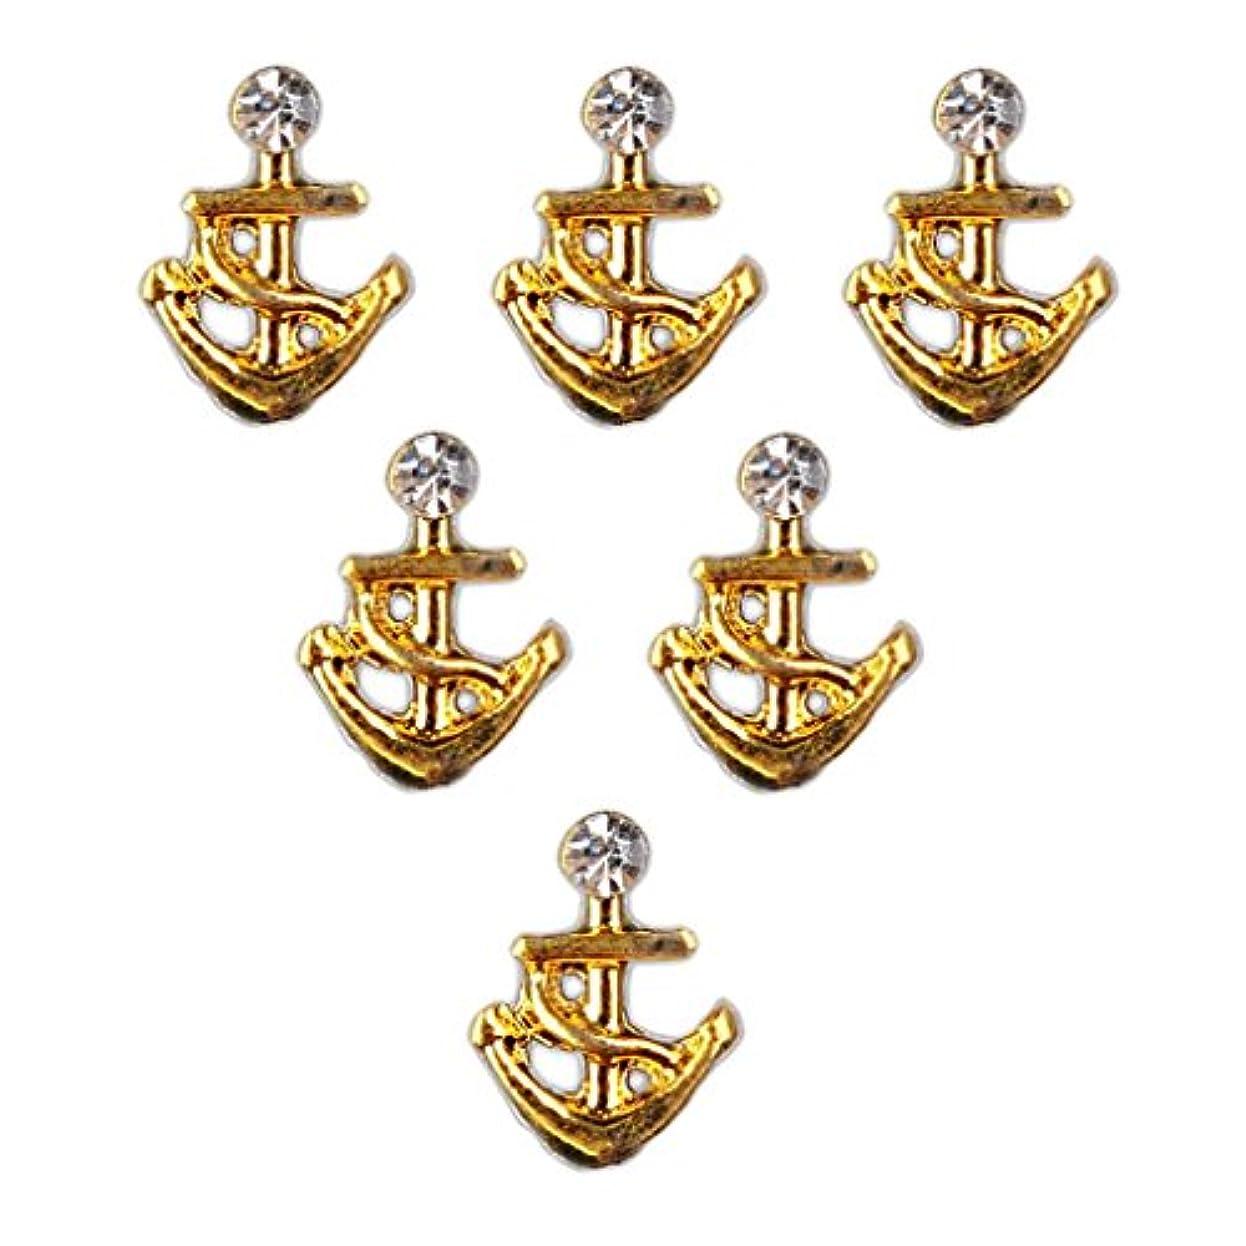 あまりにも貨物メーターネイル ネイルデザイン ダイヤモンド 約50個 3Dネイルアート ヒントステッカー 装飾 おしゃれ 全8タイプ選べ - 1